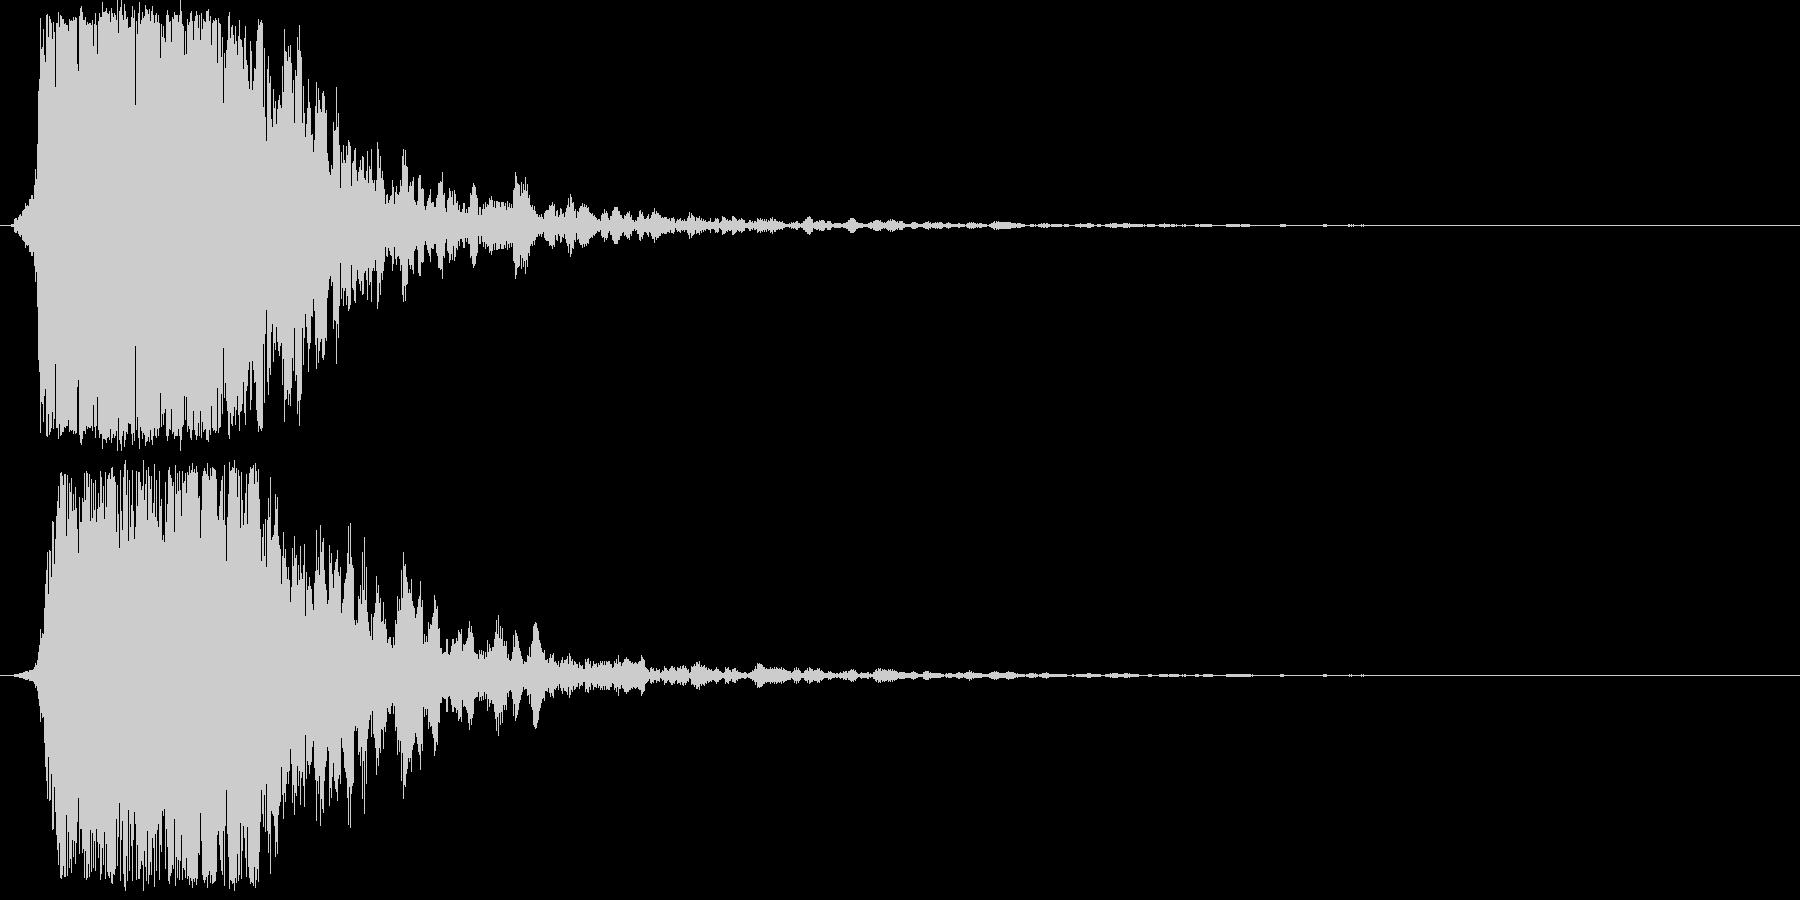 シャキーン(光、輝き、魔法、攻撃等)1bの未再生の波形